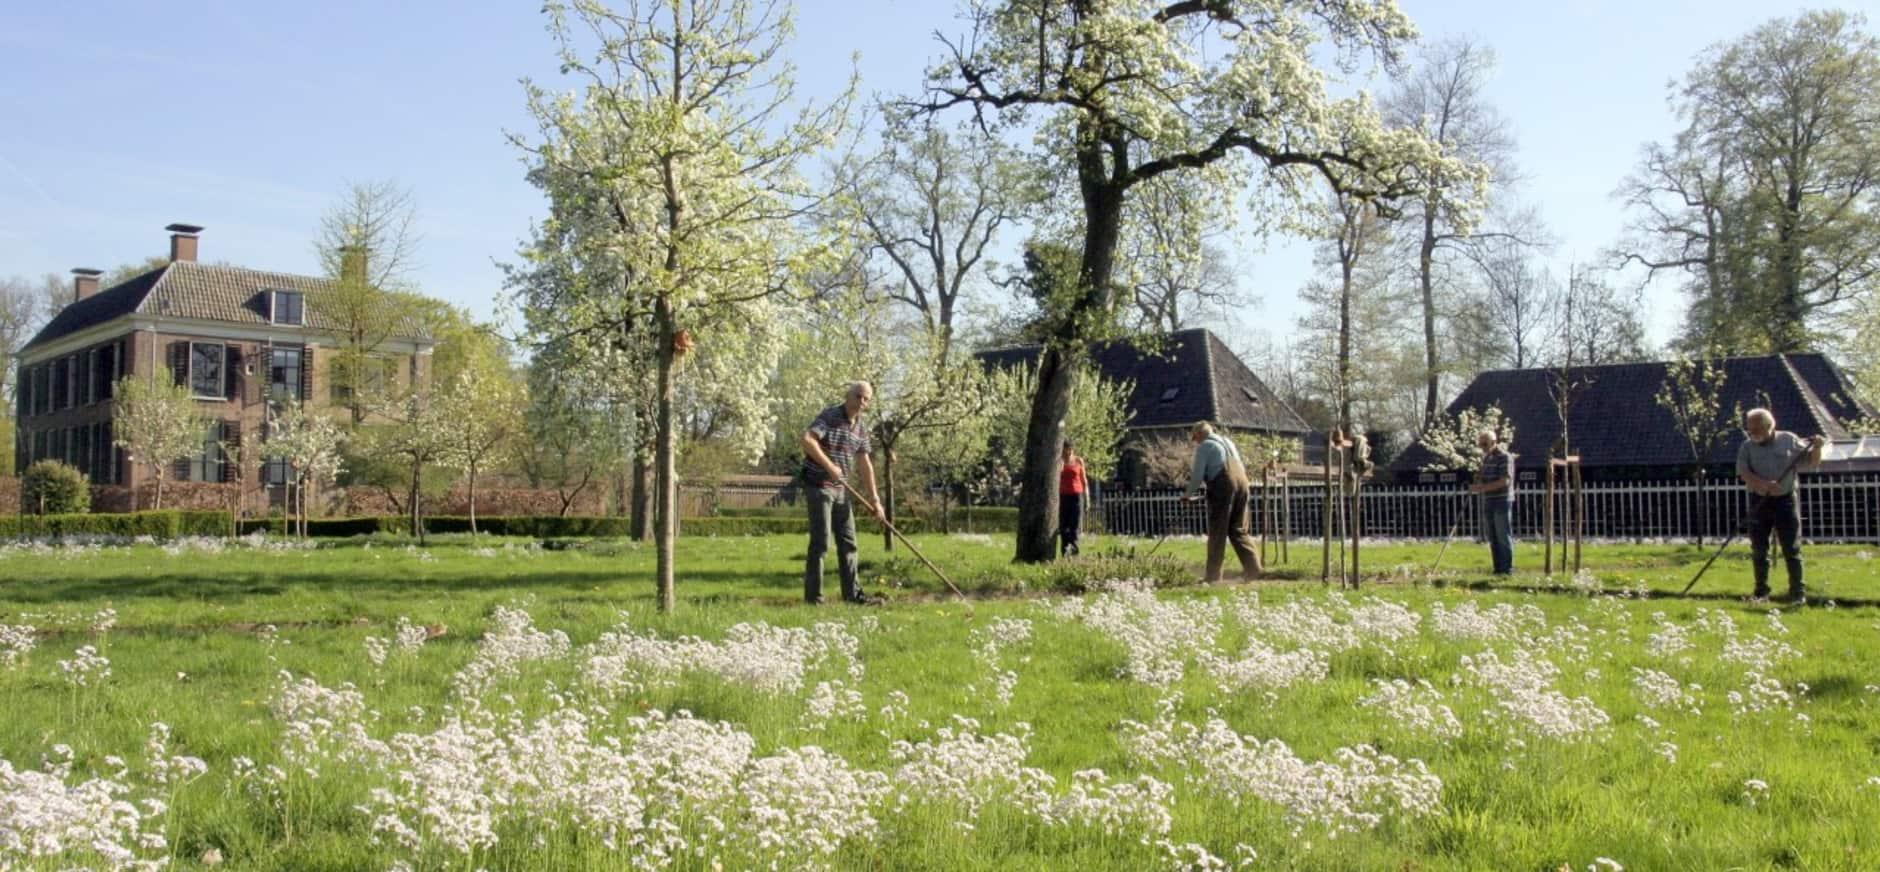 Vrijwilligers gezocht voor mooi werk in moestuin en boomgaard